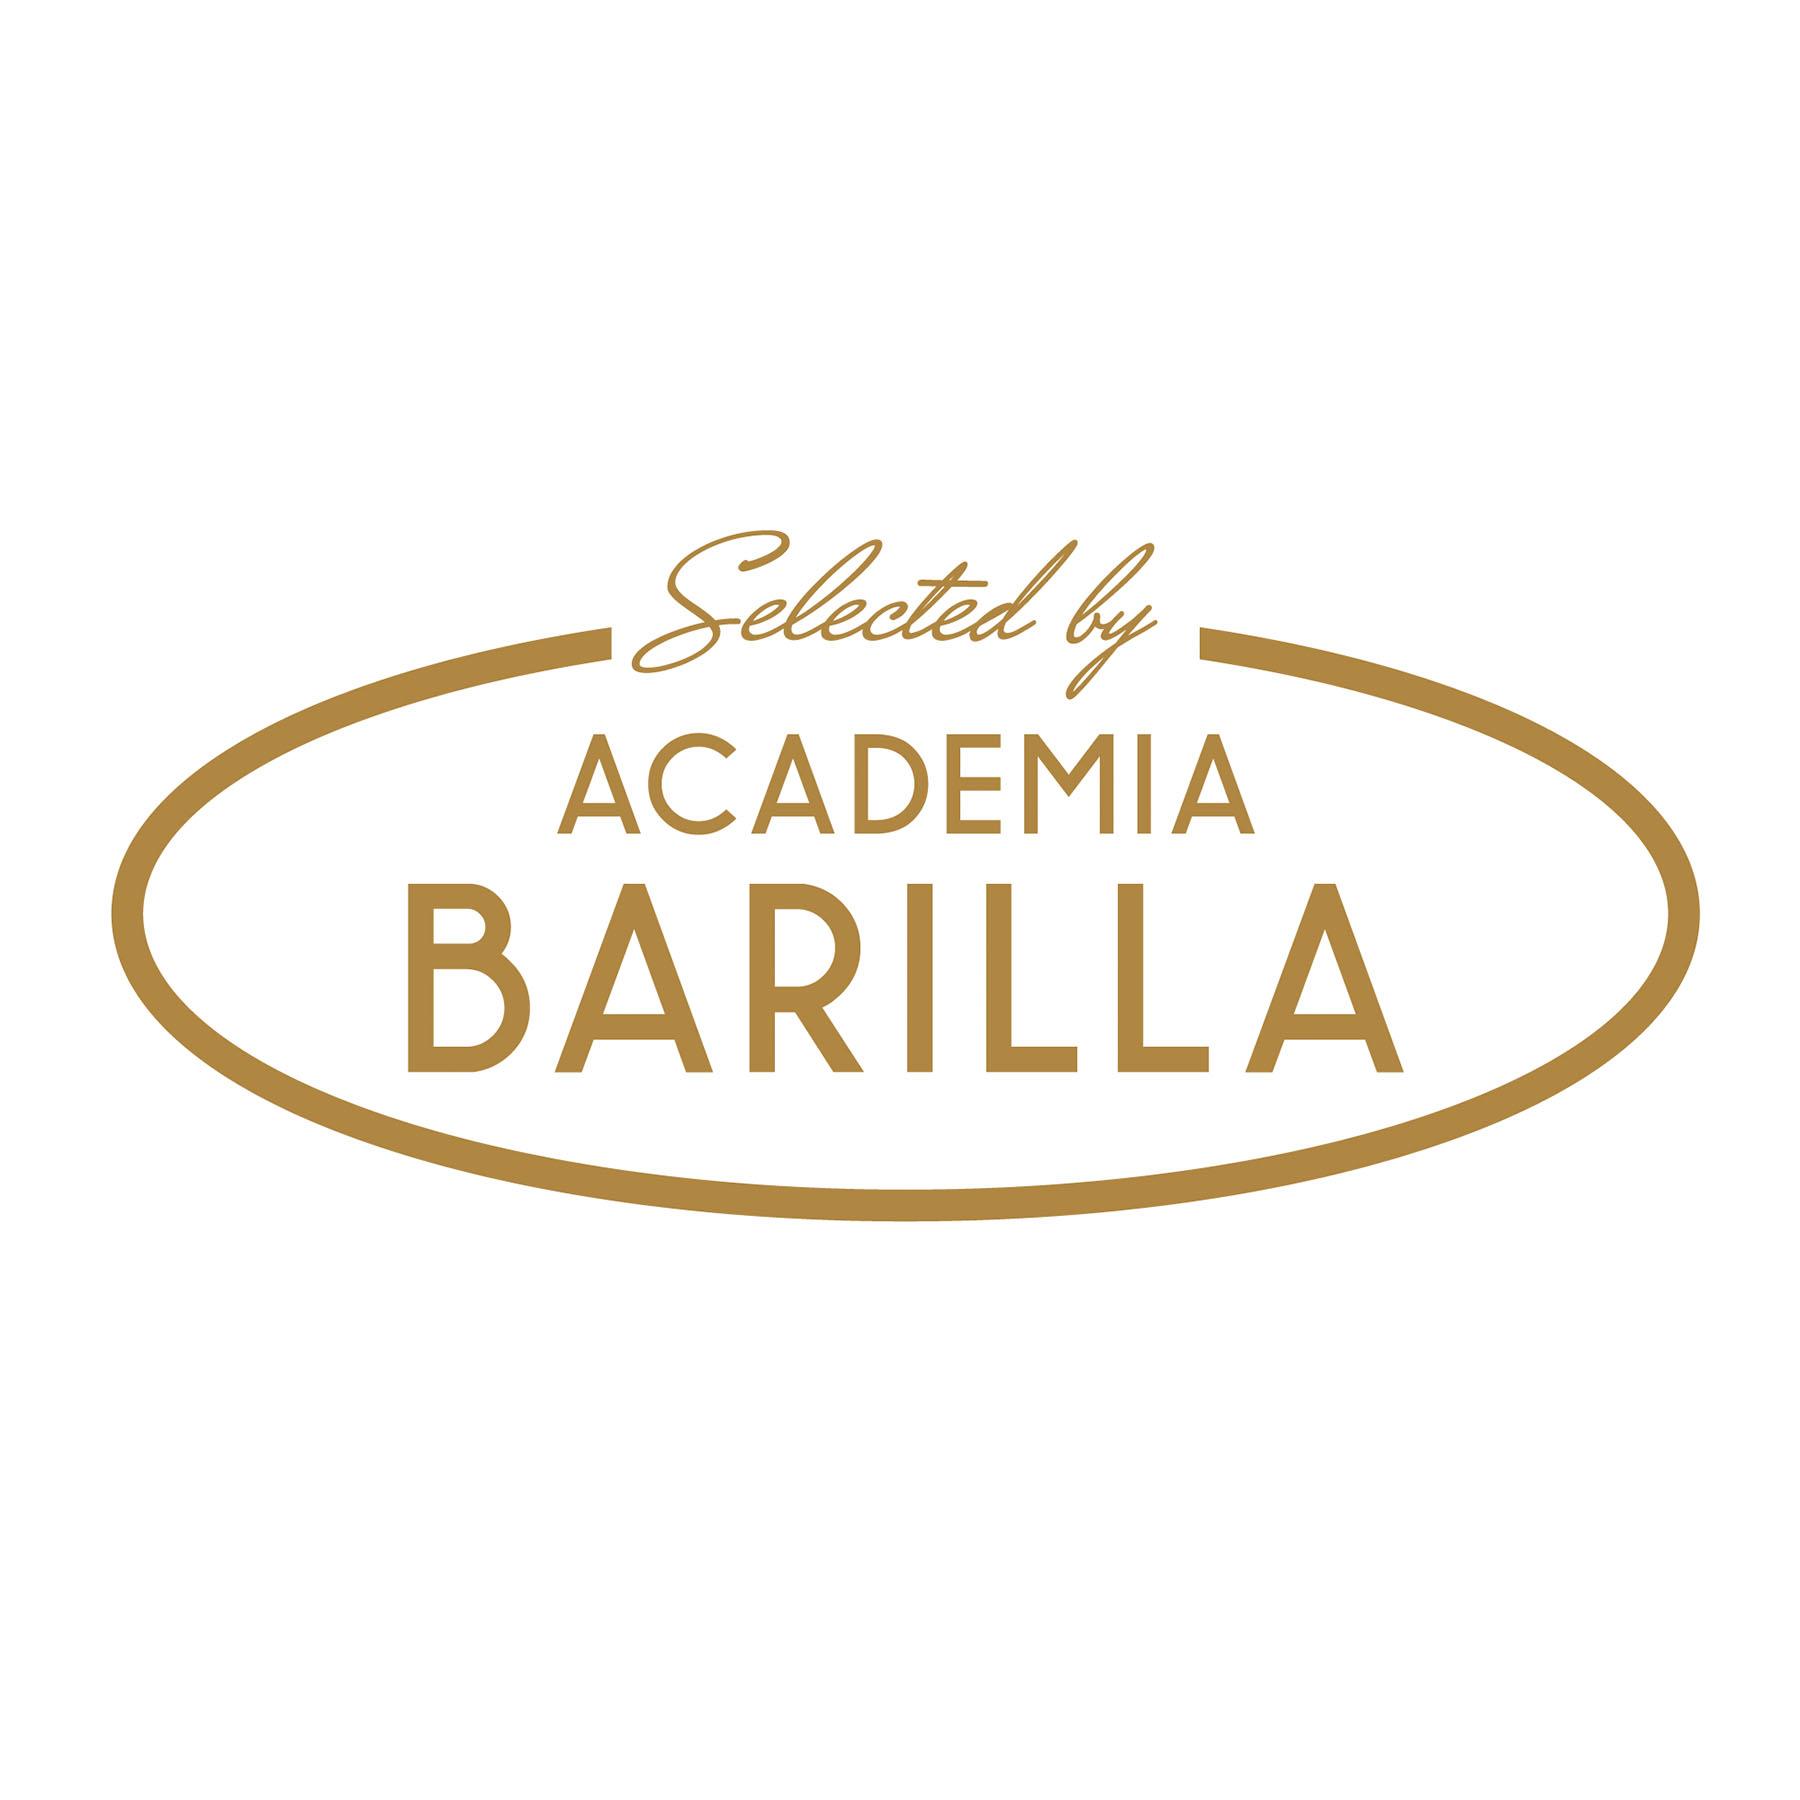 Academia Barilla Essay